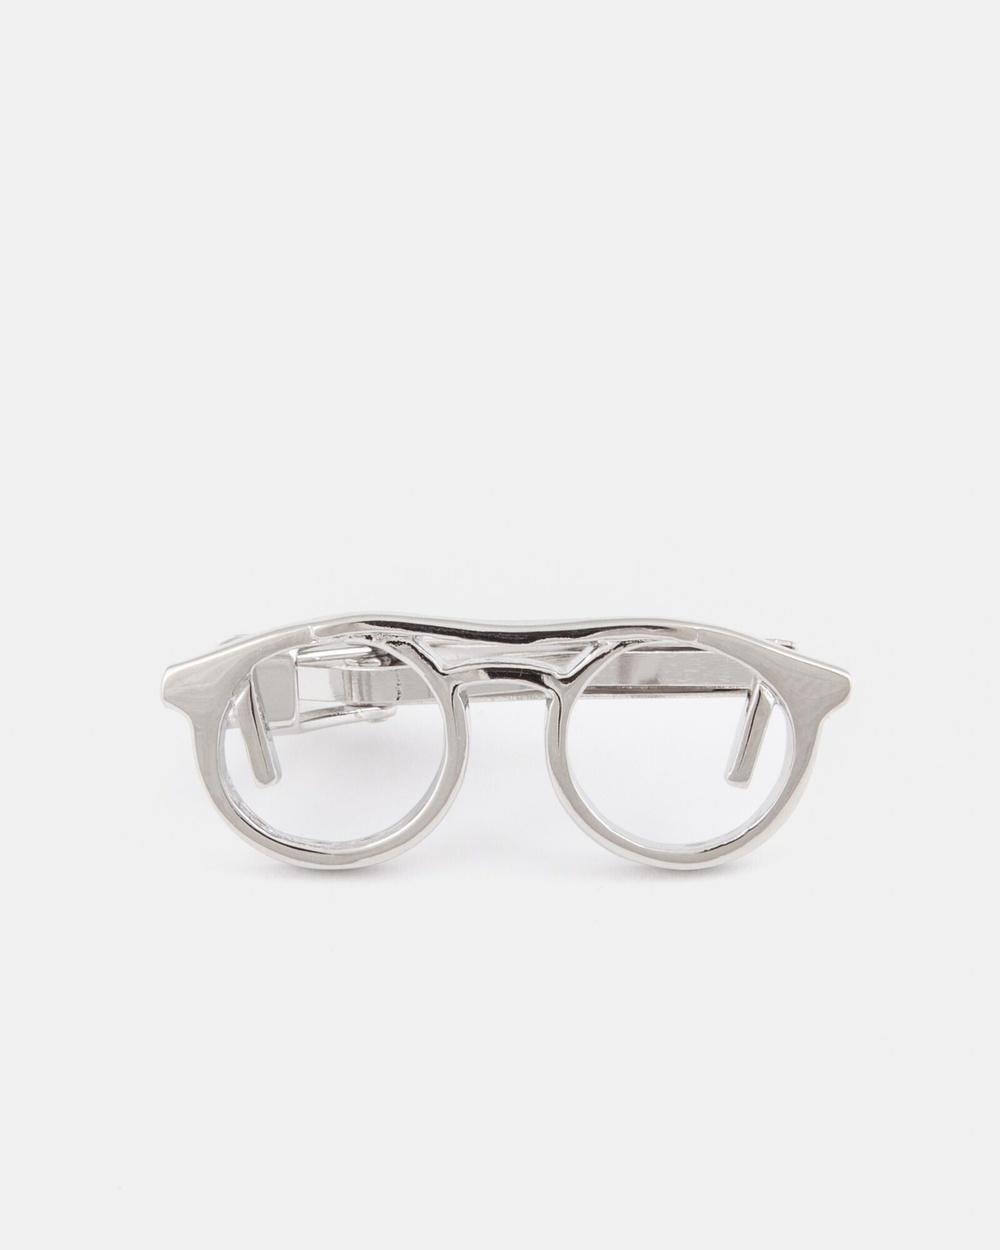 RUMI The Silver Specs Tie Bar Bars Silver Australia